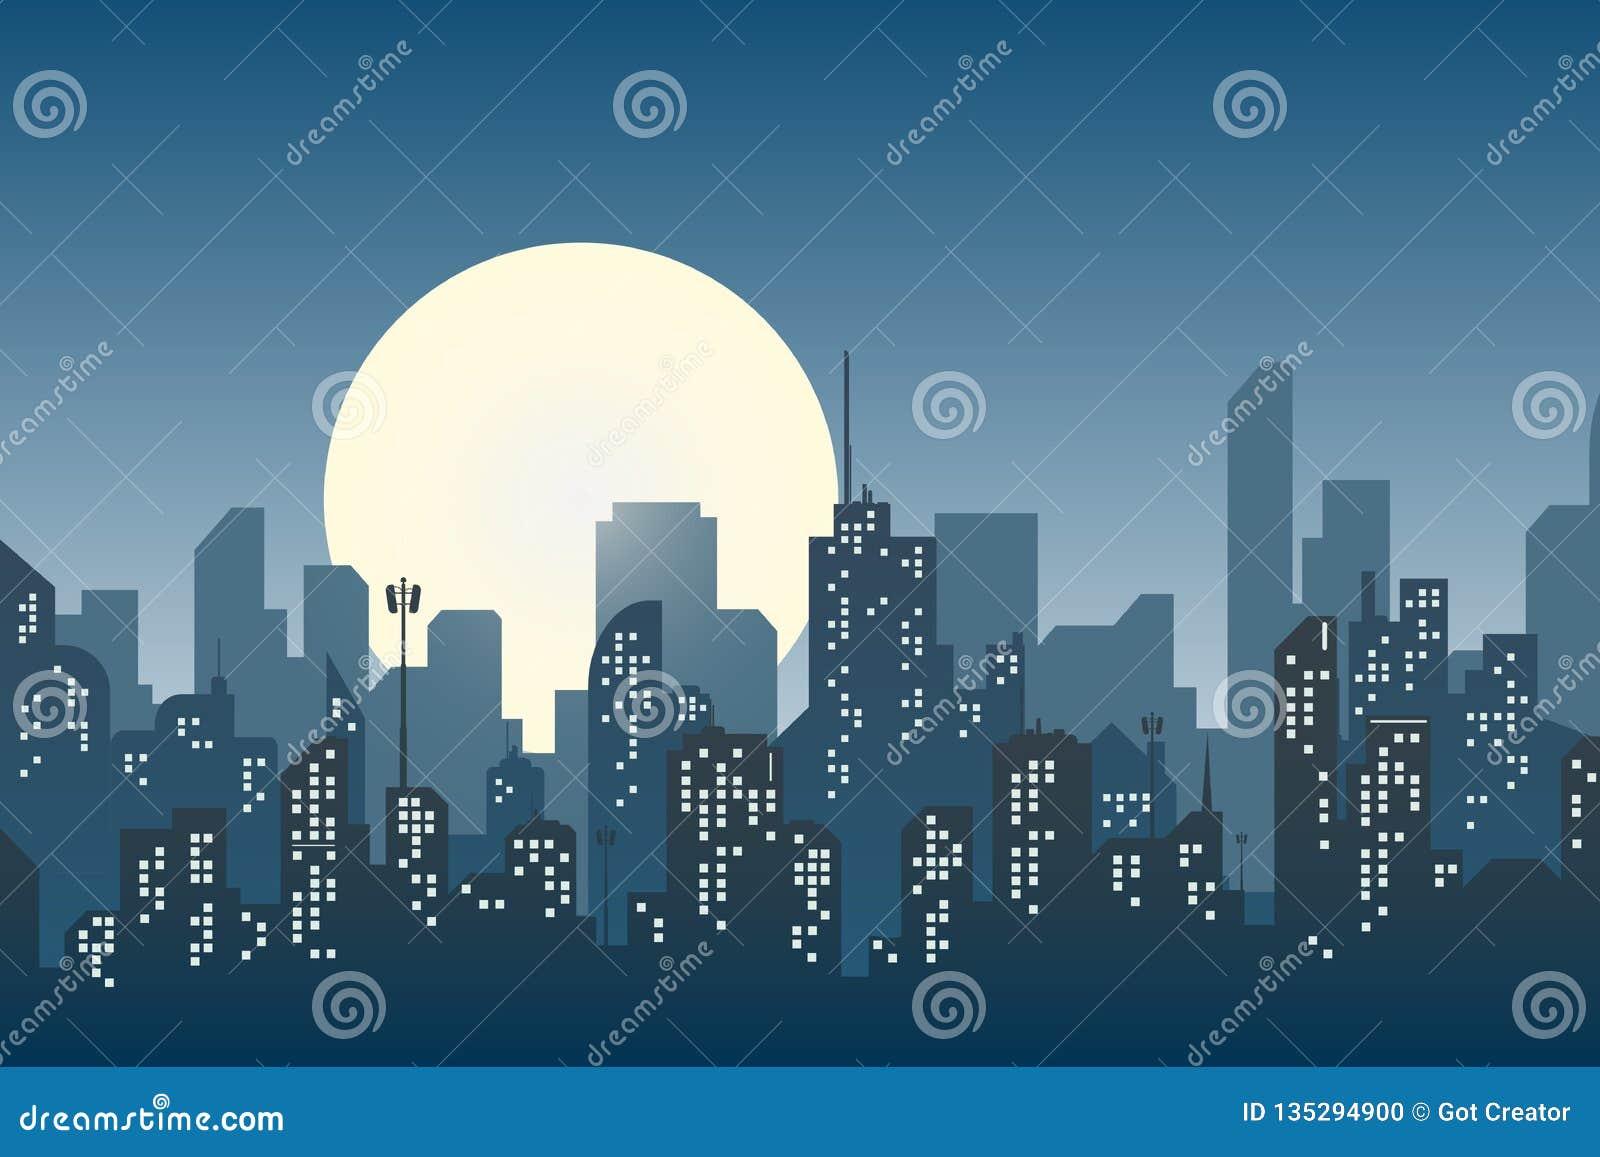 Sylwetka miasto w płaskim stylowym nowożytnym miastowym krajobrazie